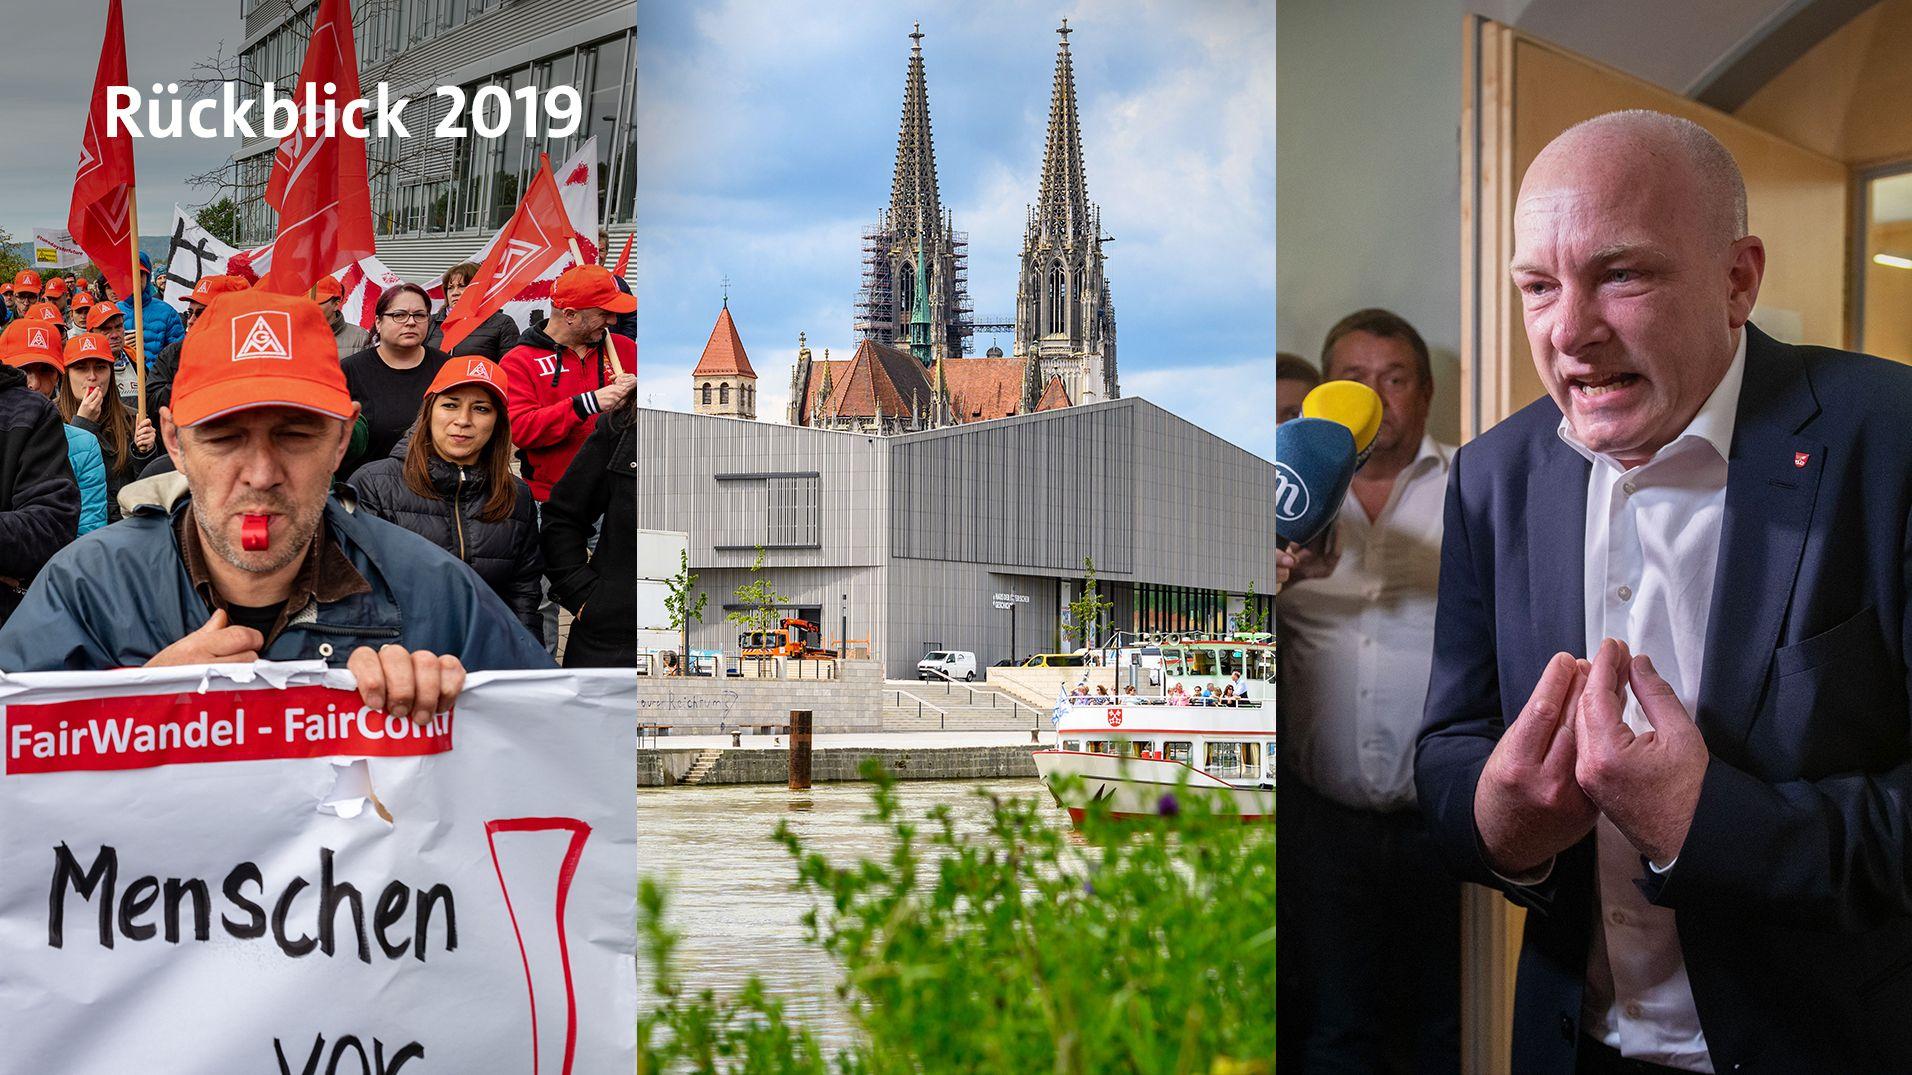 Der Jahresrückblick 2019 für die Oberpfalz